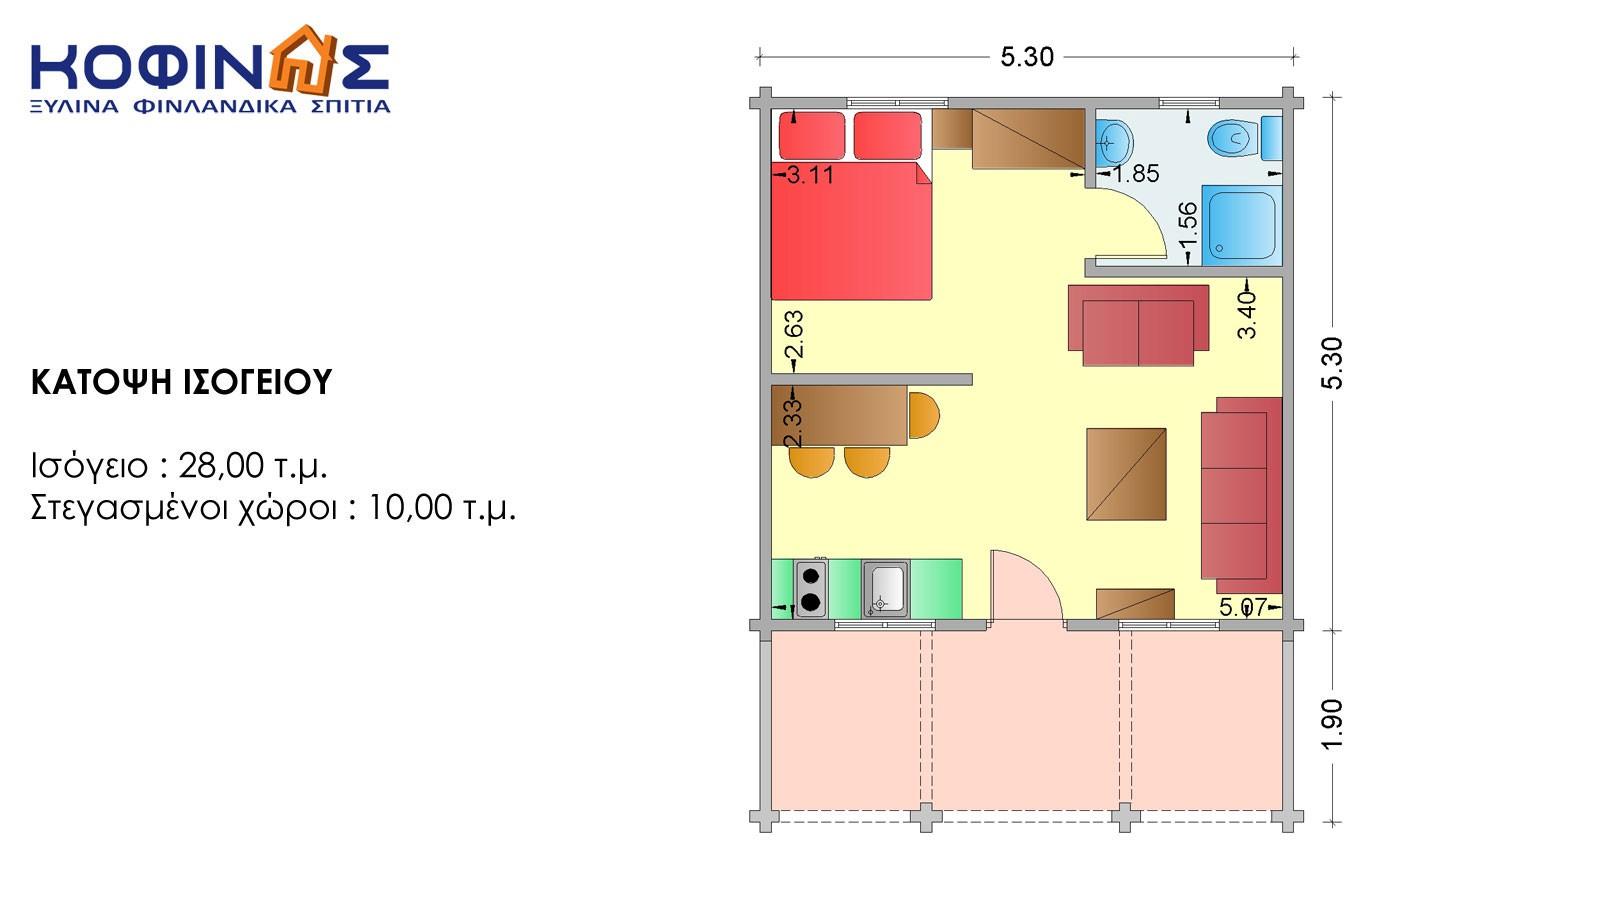 Ισόγεια Ξύλινη Κατοικία XI-28, συνολικής επιφάνειας 28,00 τ.μ.